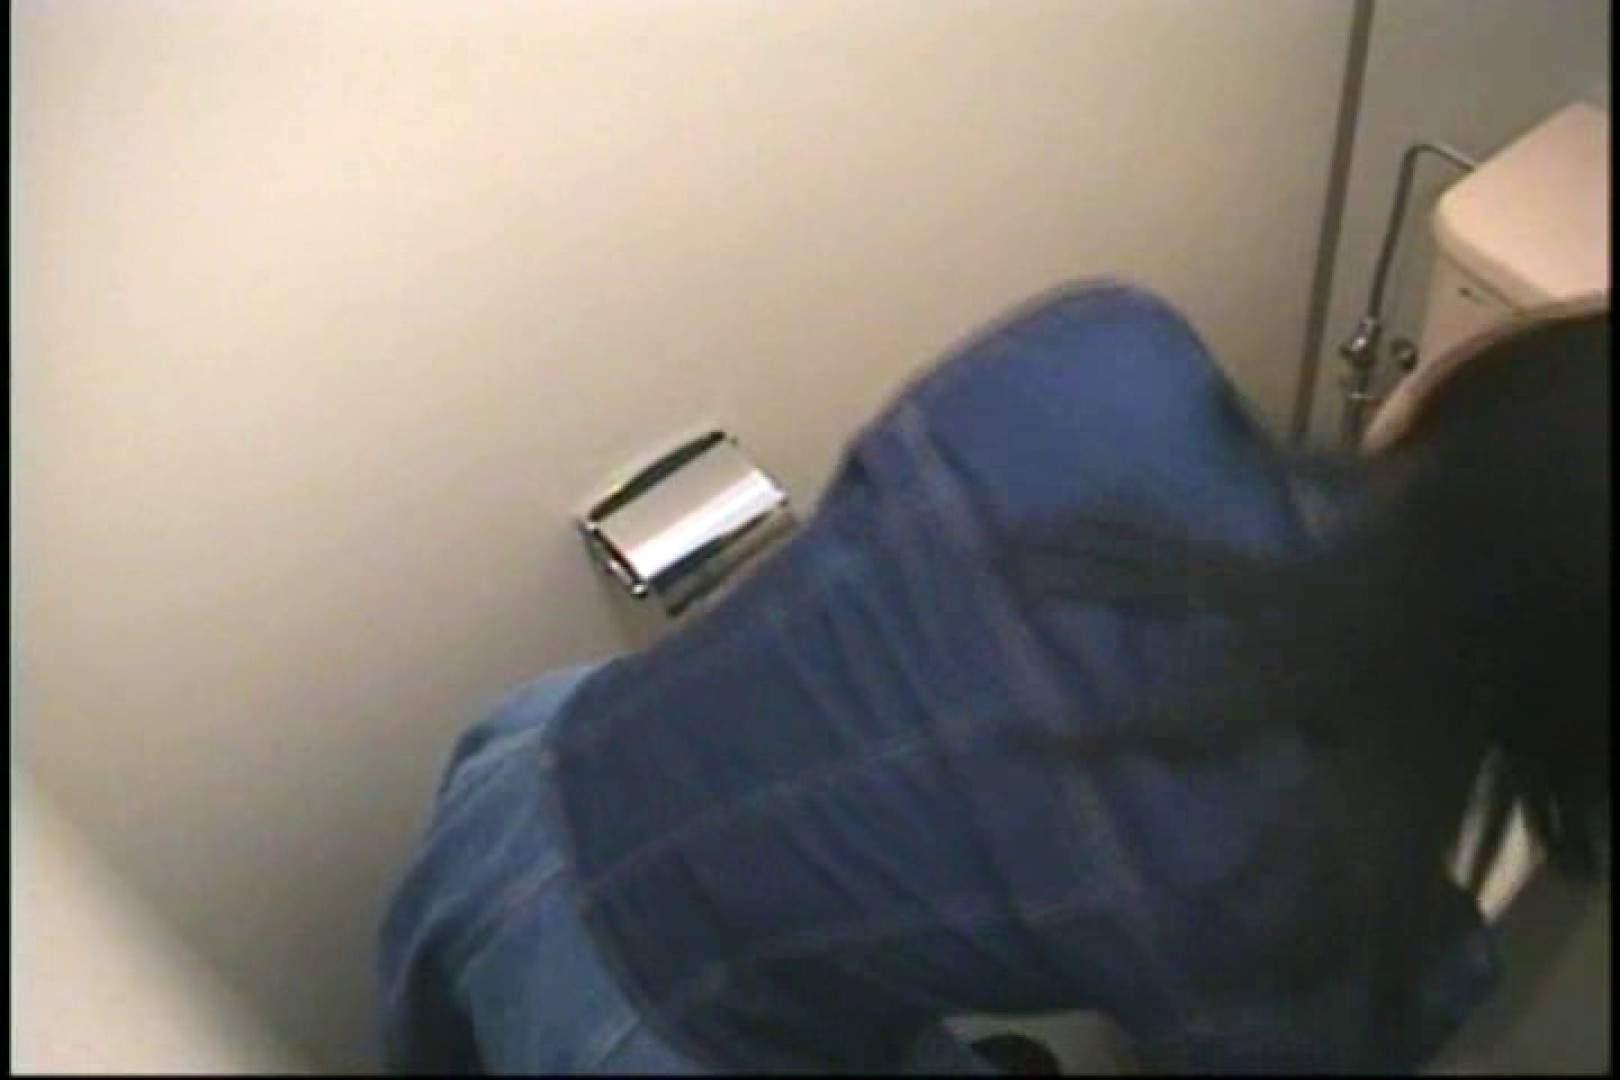 様式 和式 ところかまわず、厠覗き! 厠隠し撮り ワレメ無修正動画無料 74pic 33